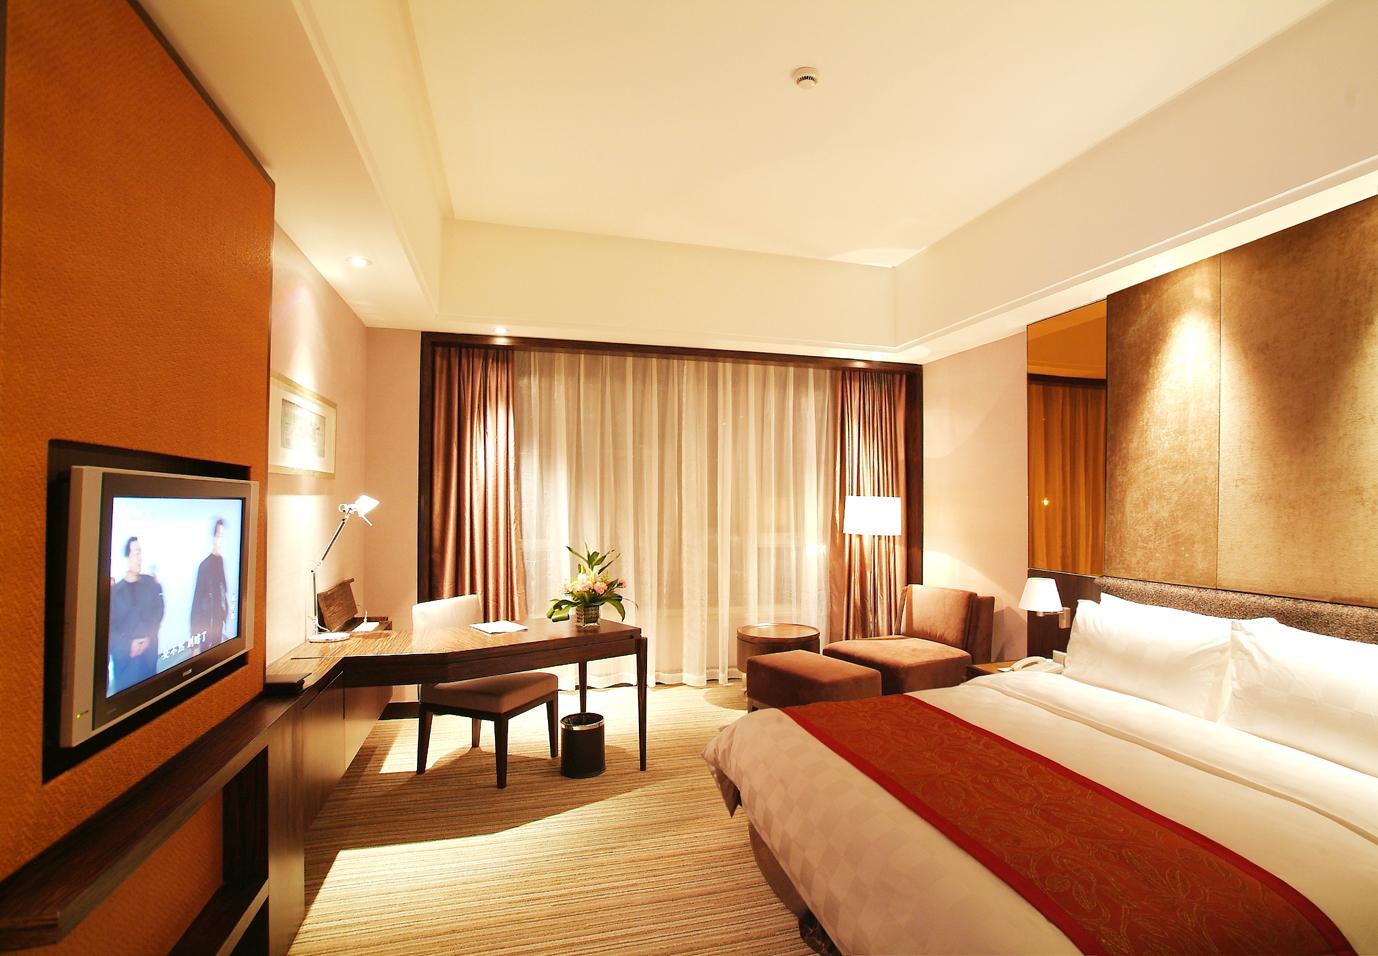 宁波石浦半岛酒店(宁波象山)是一家集商务,旅游,会议为一体的五